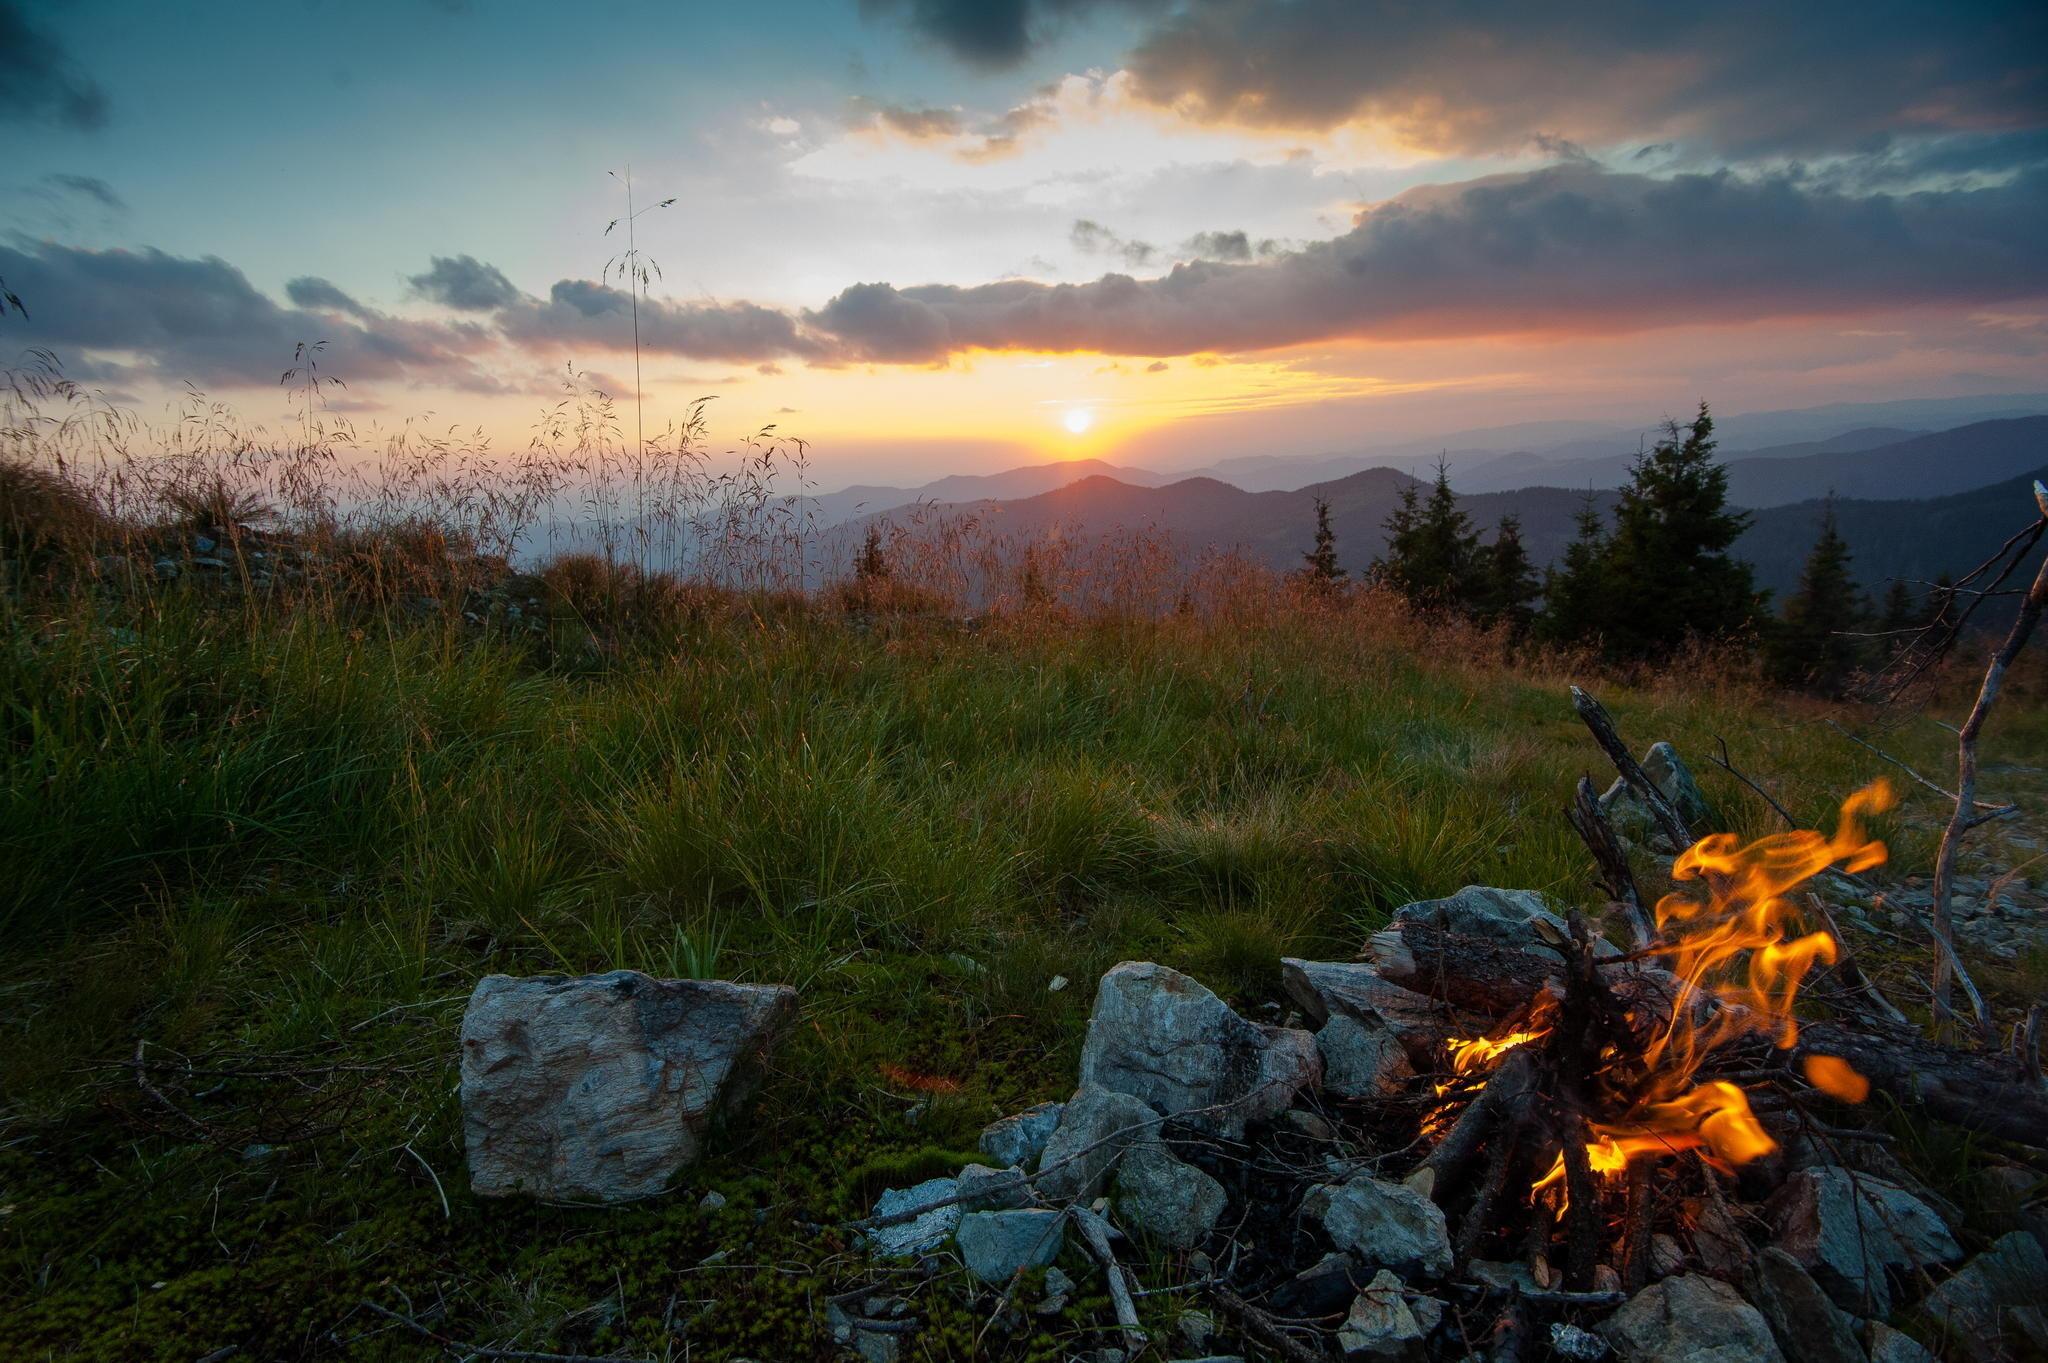 трава, Украина, костер, вечер, горы, природа